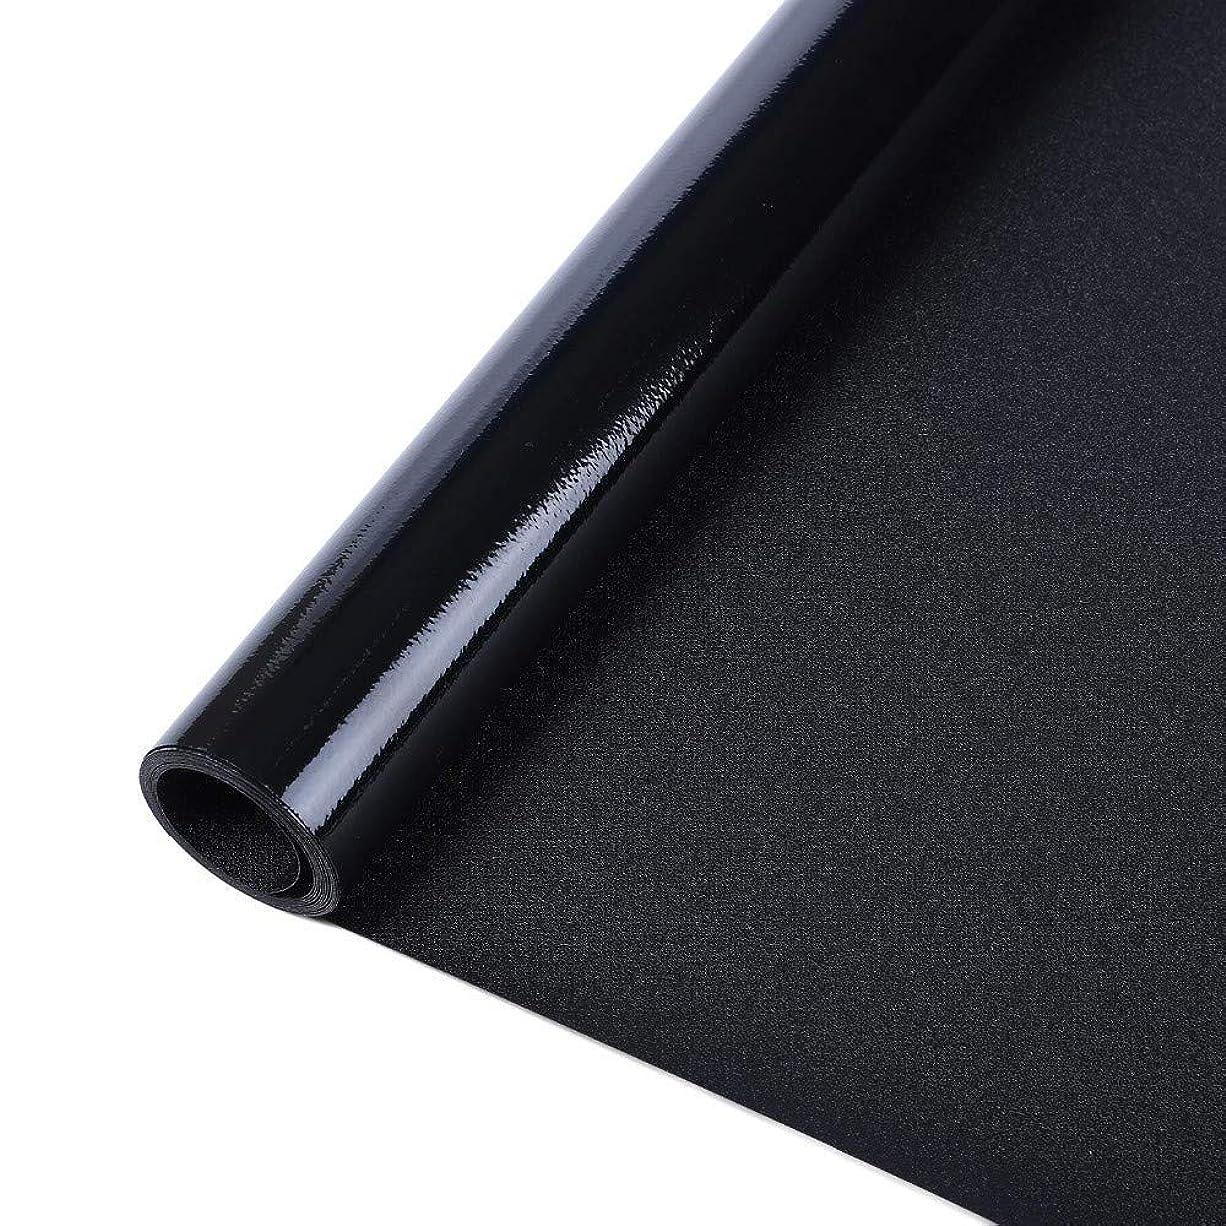 カリング常習者プランターガラスフィルムウィンドウフィルムブラックアウトウィンドウフィルムプライバシーウィンドウクリングダークウィンドウティンティングフィルム非粘着性ウィンドウステッカーライトブロッキング、90x150cm